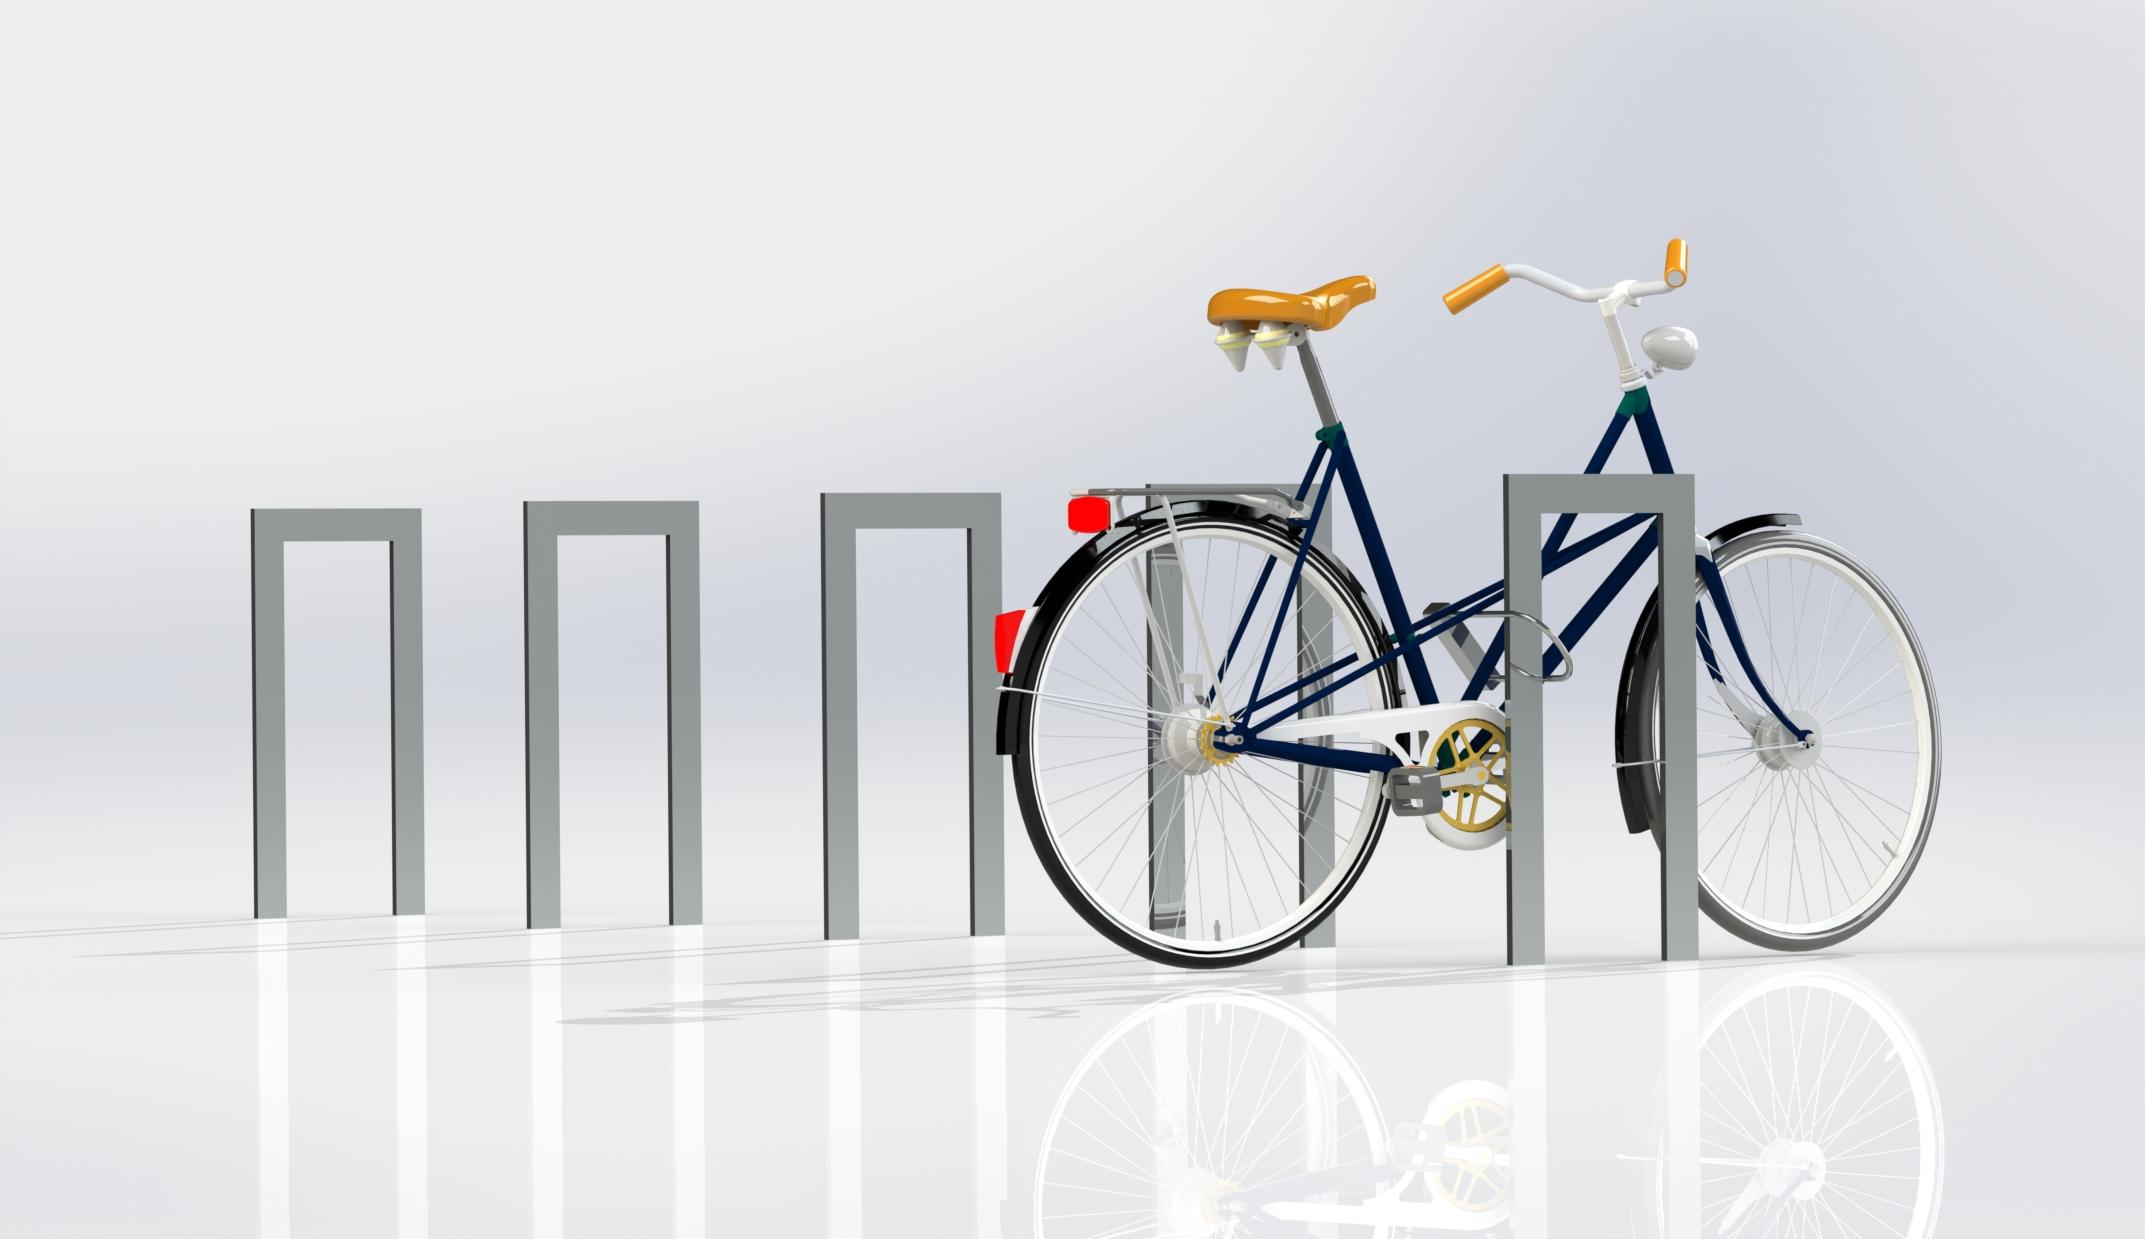 Cykelpollare Planum 350, varmförzinkade, höjd 750mm